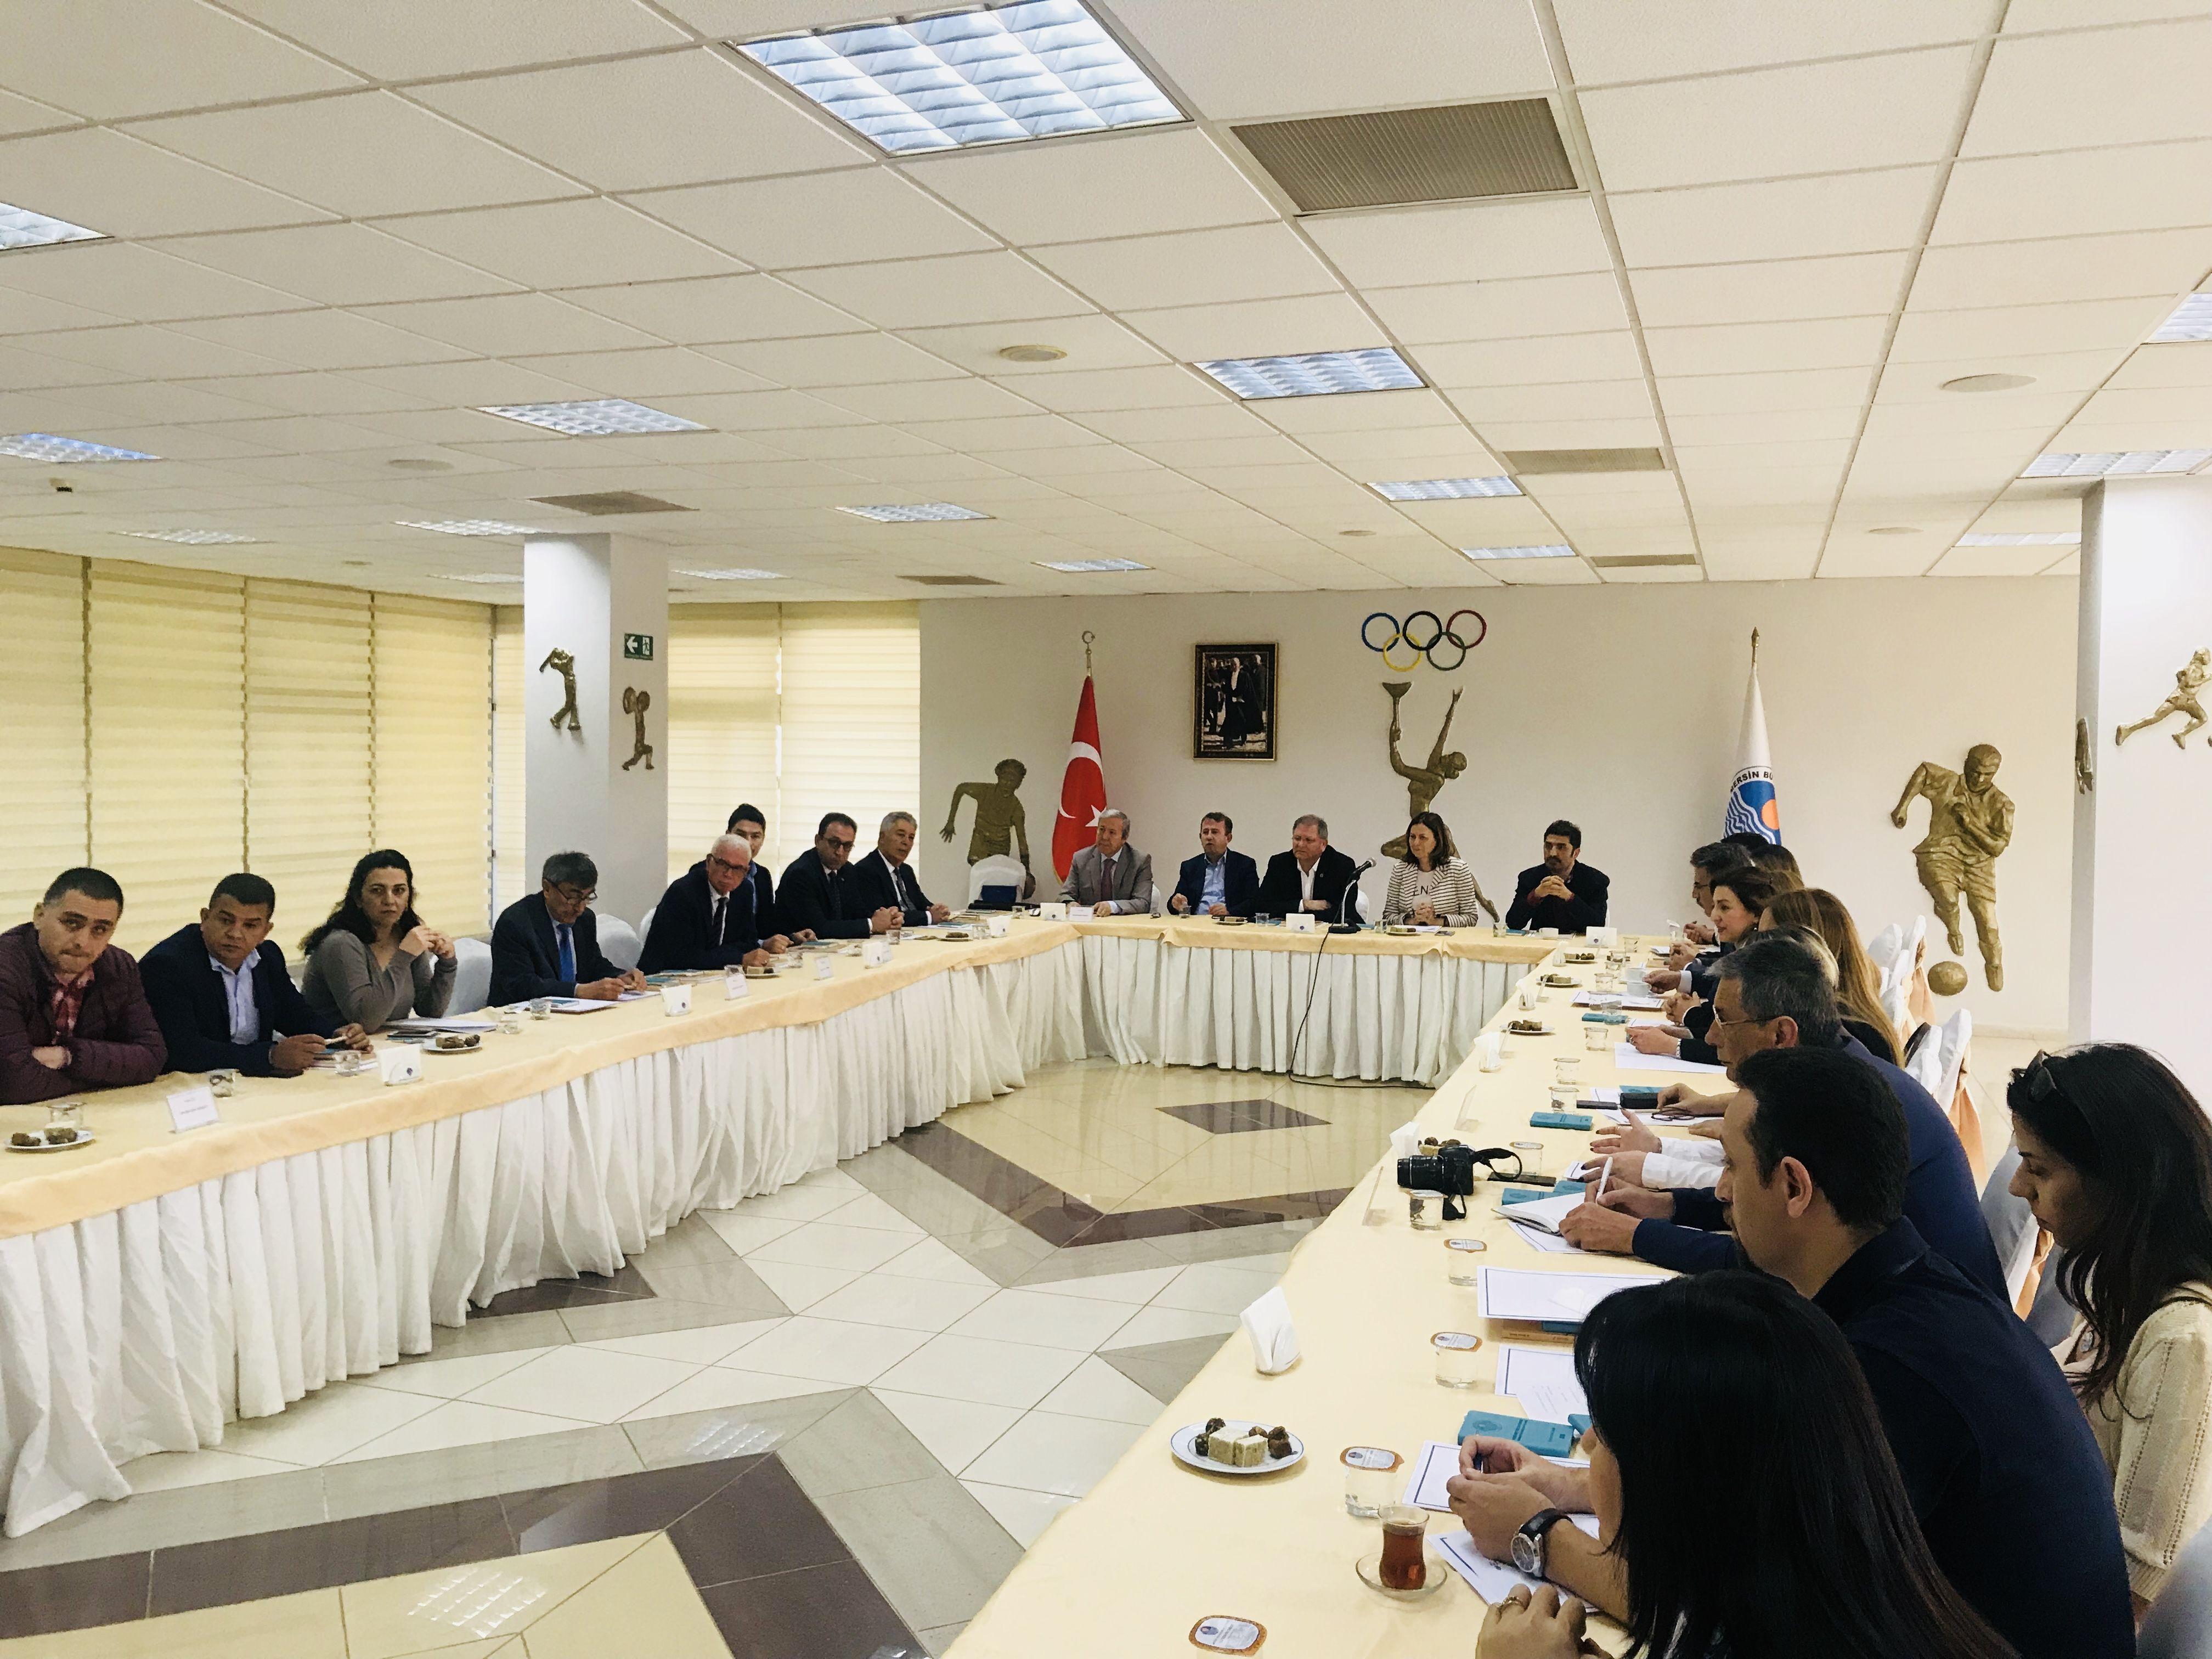 Akdeniz Bölgesinde Yer Alan Aktif Kent Konseylerinin Mersin Toplantısı